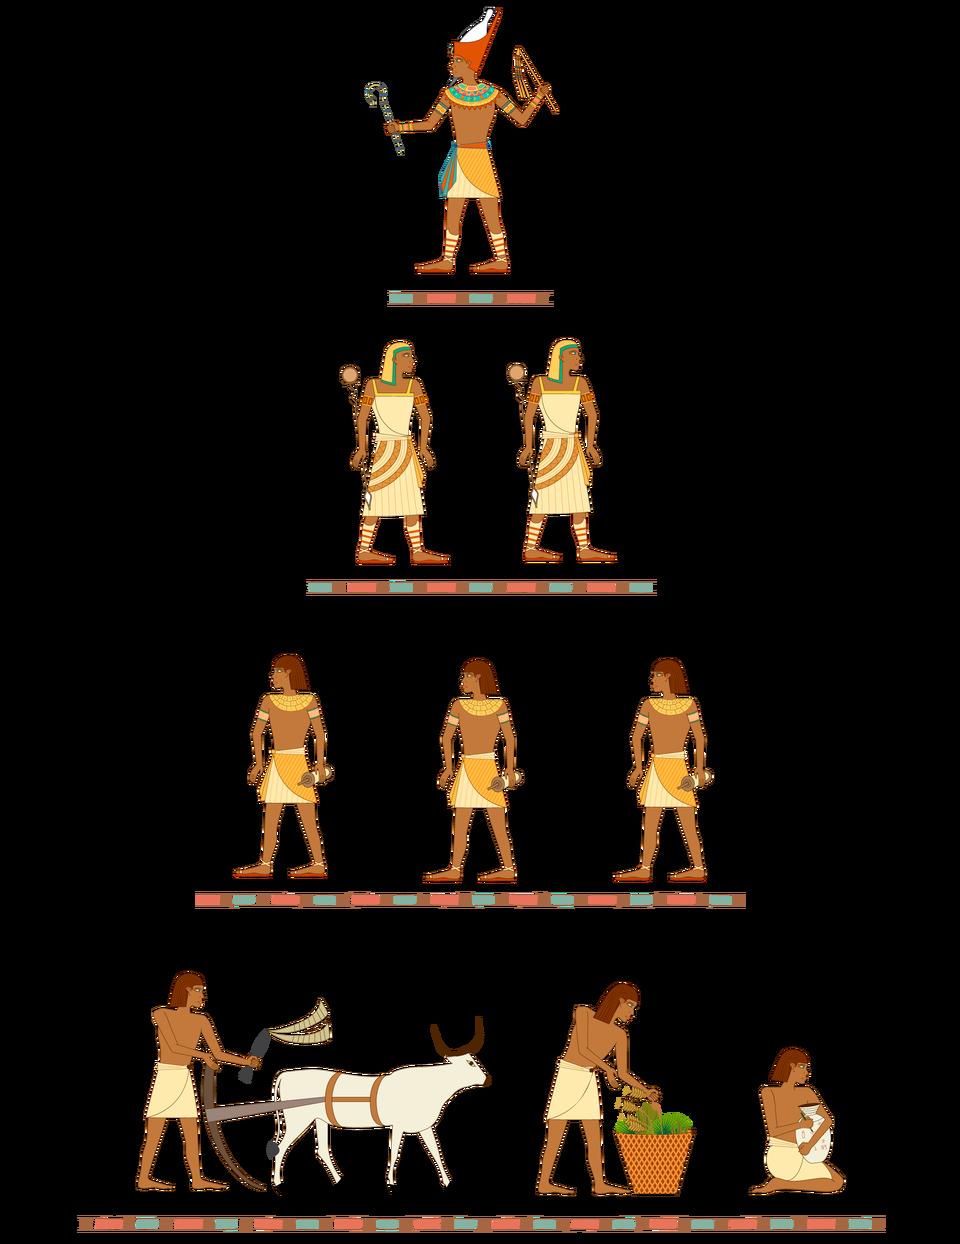 Piramida społeczeństwa egipskiego Piramida społeczeństwa egipskiego Źródło: Contentplus.pl sp. zo.o., licencja: CC BY 3.0.